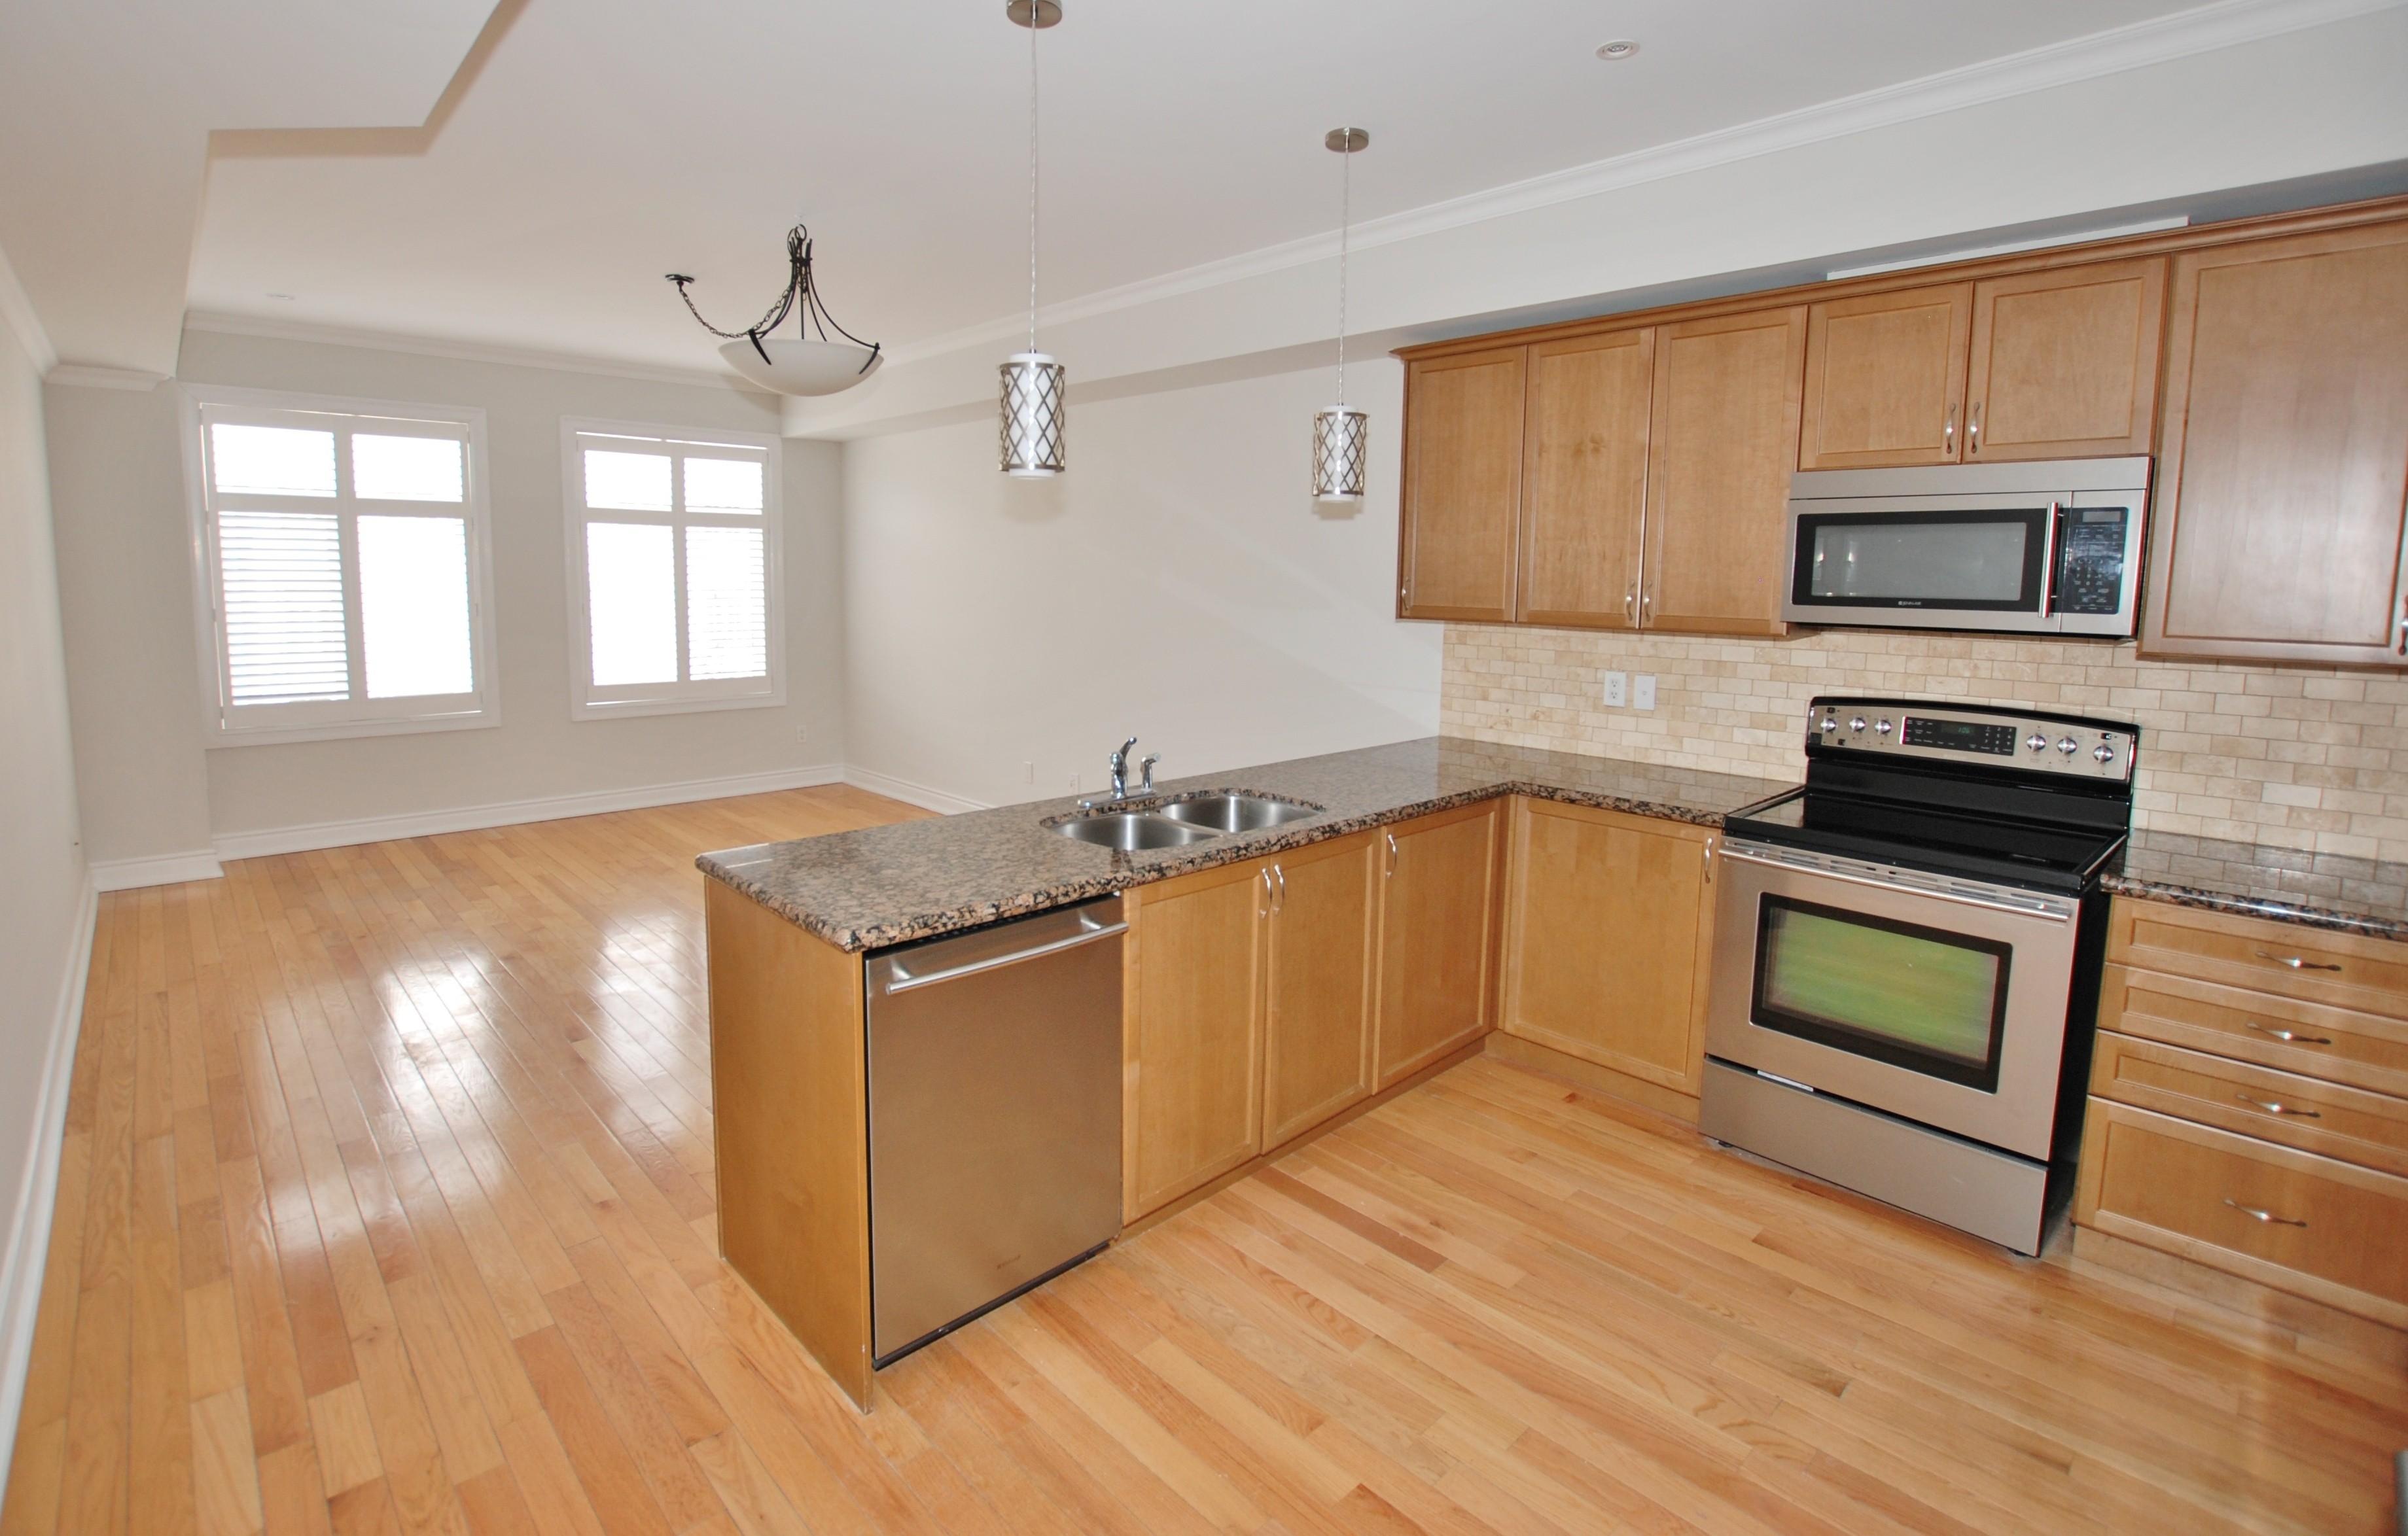 99 Brant St 6 Oakville On L6k 2z5 2 Bedroom Apartment